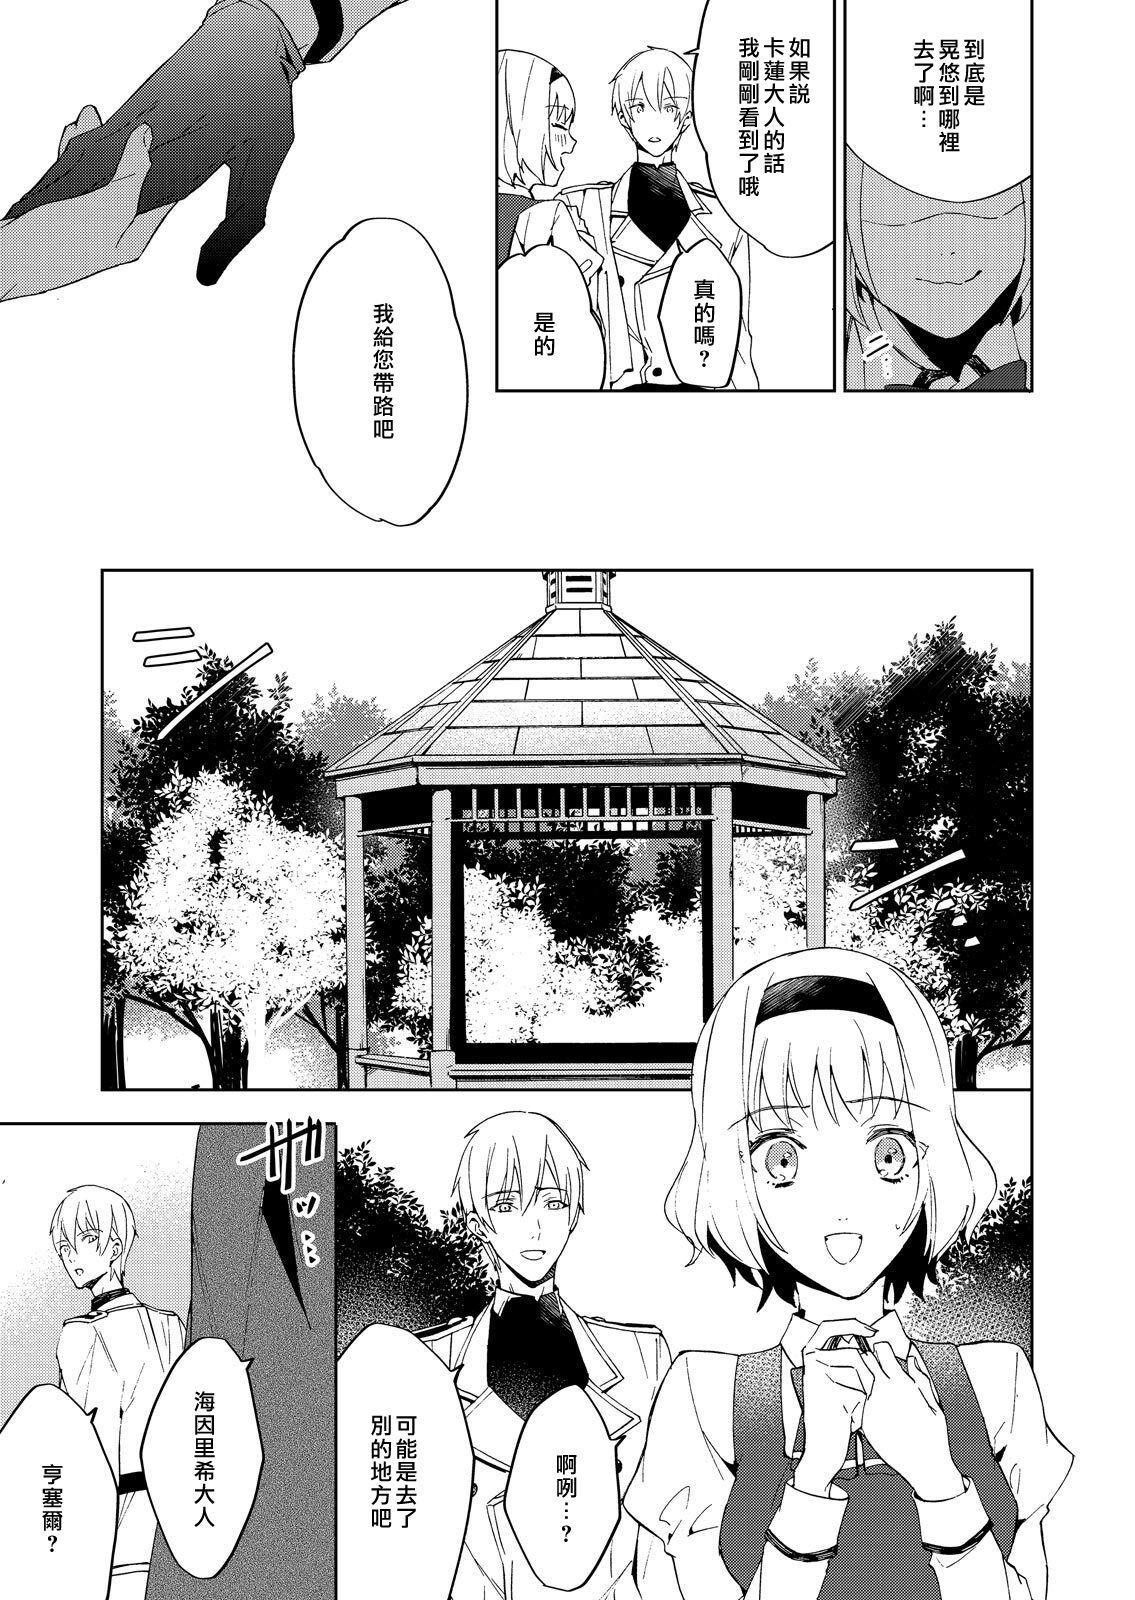 [Yuzushiwo] Akuyaku Reijou wa Ichizu ni Dekiai sarete ~Noumitsu Sex no Aite wa Juuboku~ | 被疯狂溺爱的反派大小姐~浓密性爱对象是仆从~ 1-5 [Chinese] [莉赛特汉化组] 58